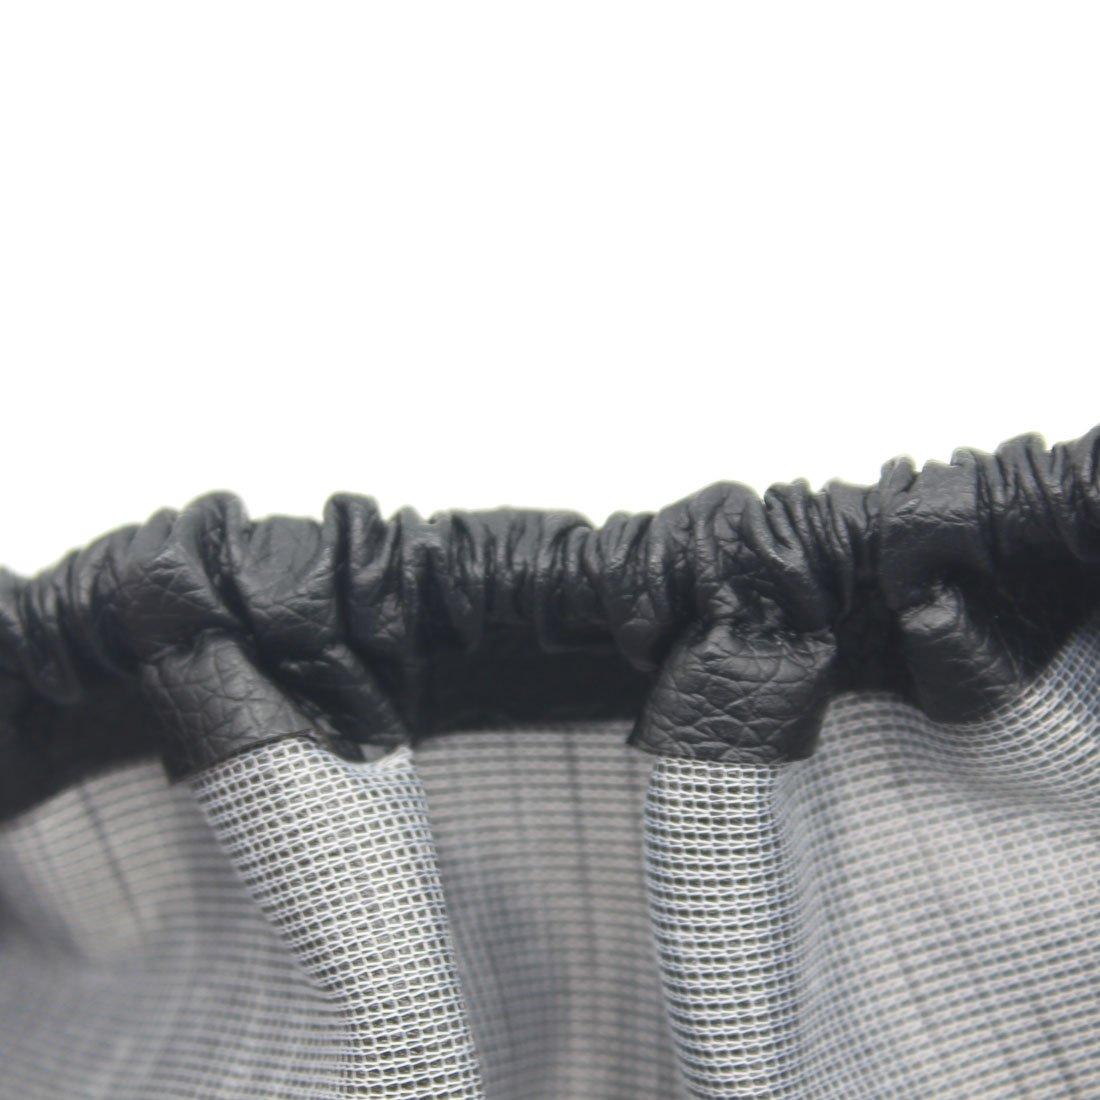 Negro cubierta rueda de repuesto neum/ático para coche de piel sint/ética remolque pantalla